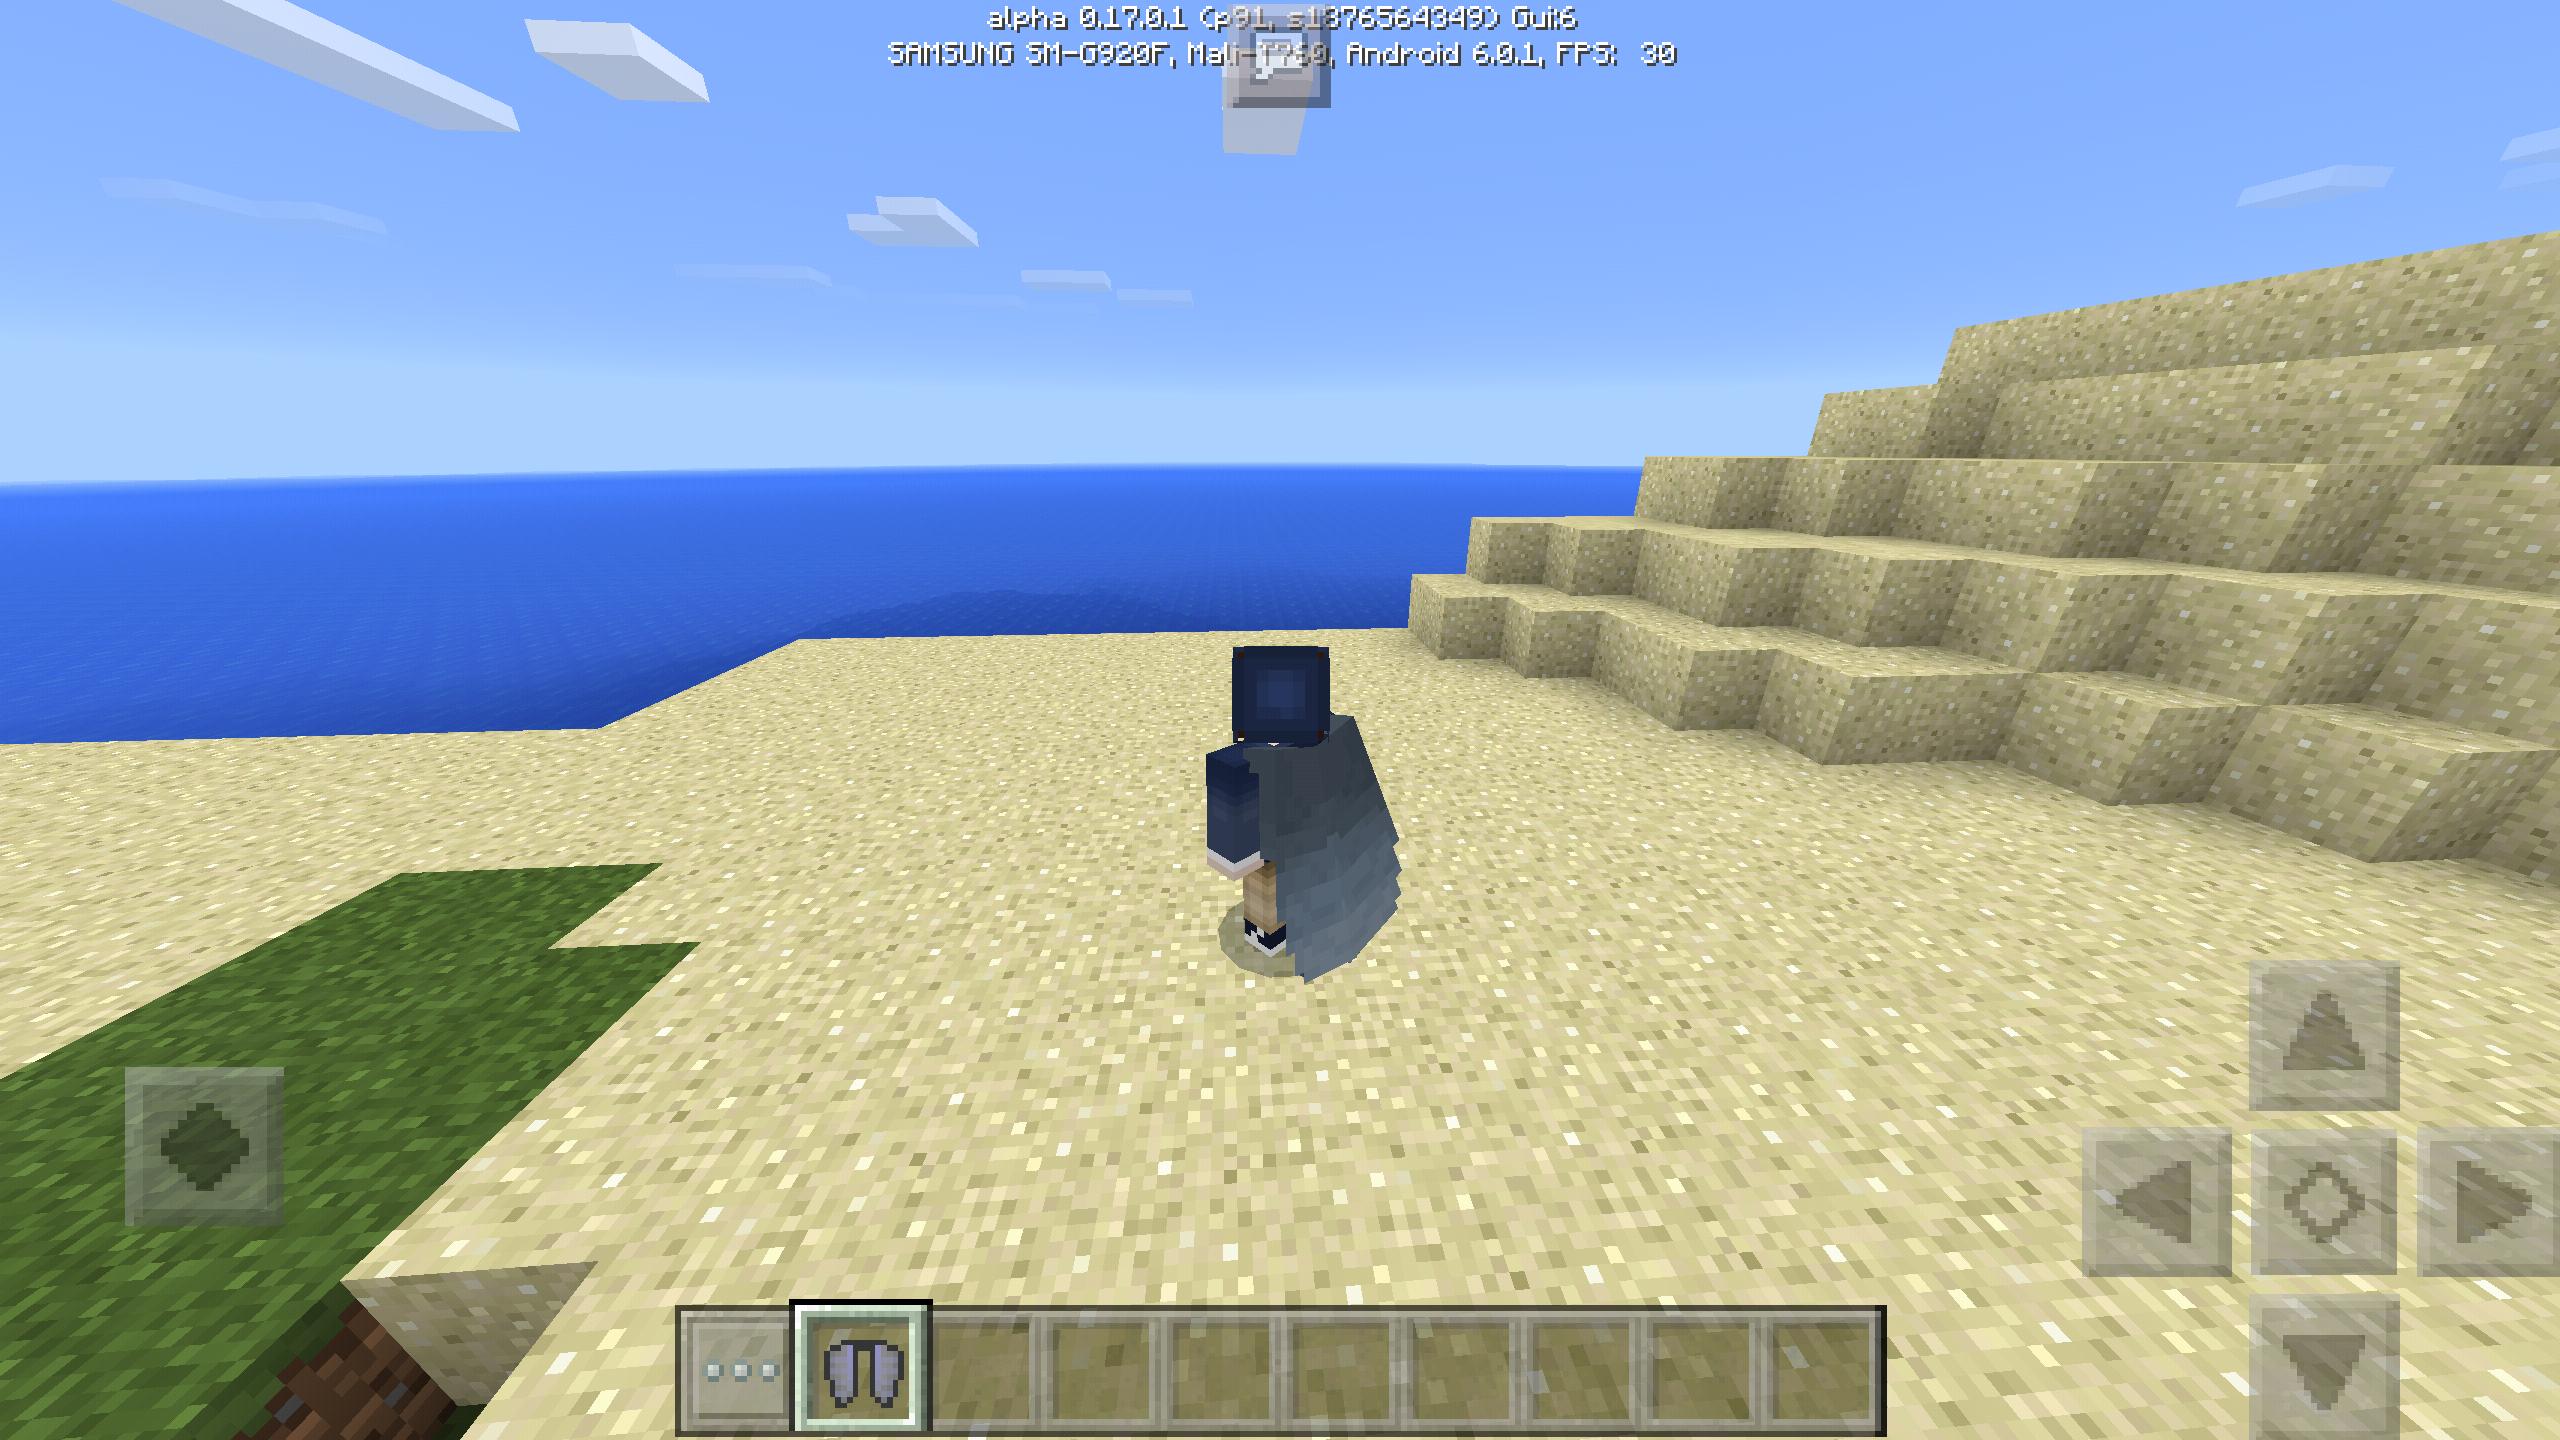 Скачать Minecraft PE 1.0.5 полная версия — MCPE 1.0.5.54 ...